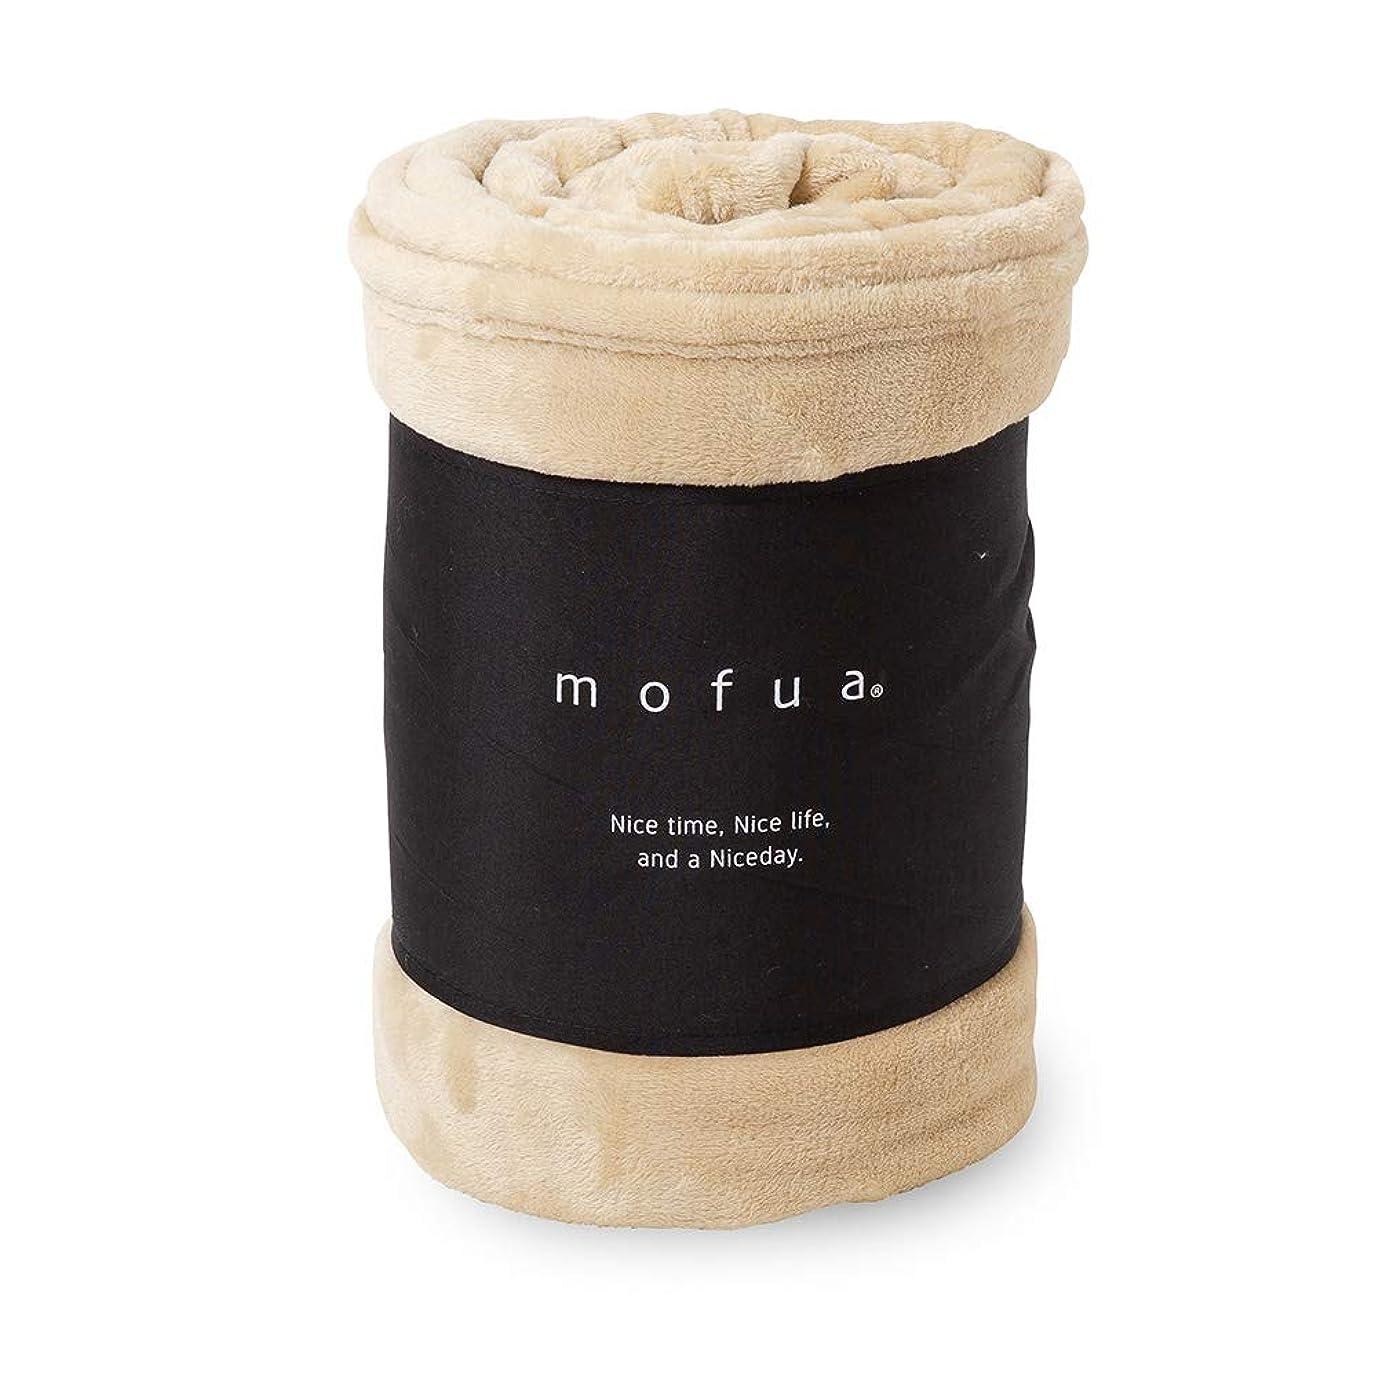 吸うのり帝国主義mofua(モフア) 毛布 シングル オールシーズン快適 エアコン対策 マイクロファイバー 1年間品質保証 洗える 140×200cm ベージュ 50000105